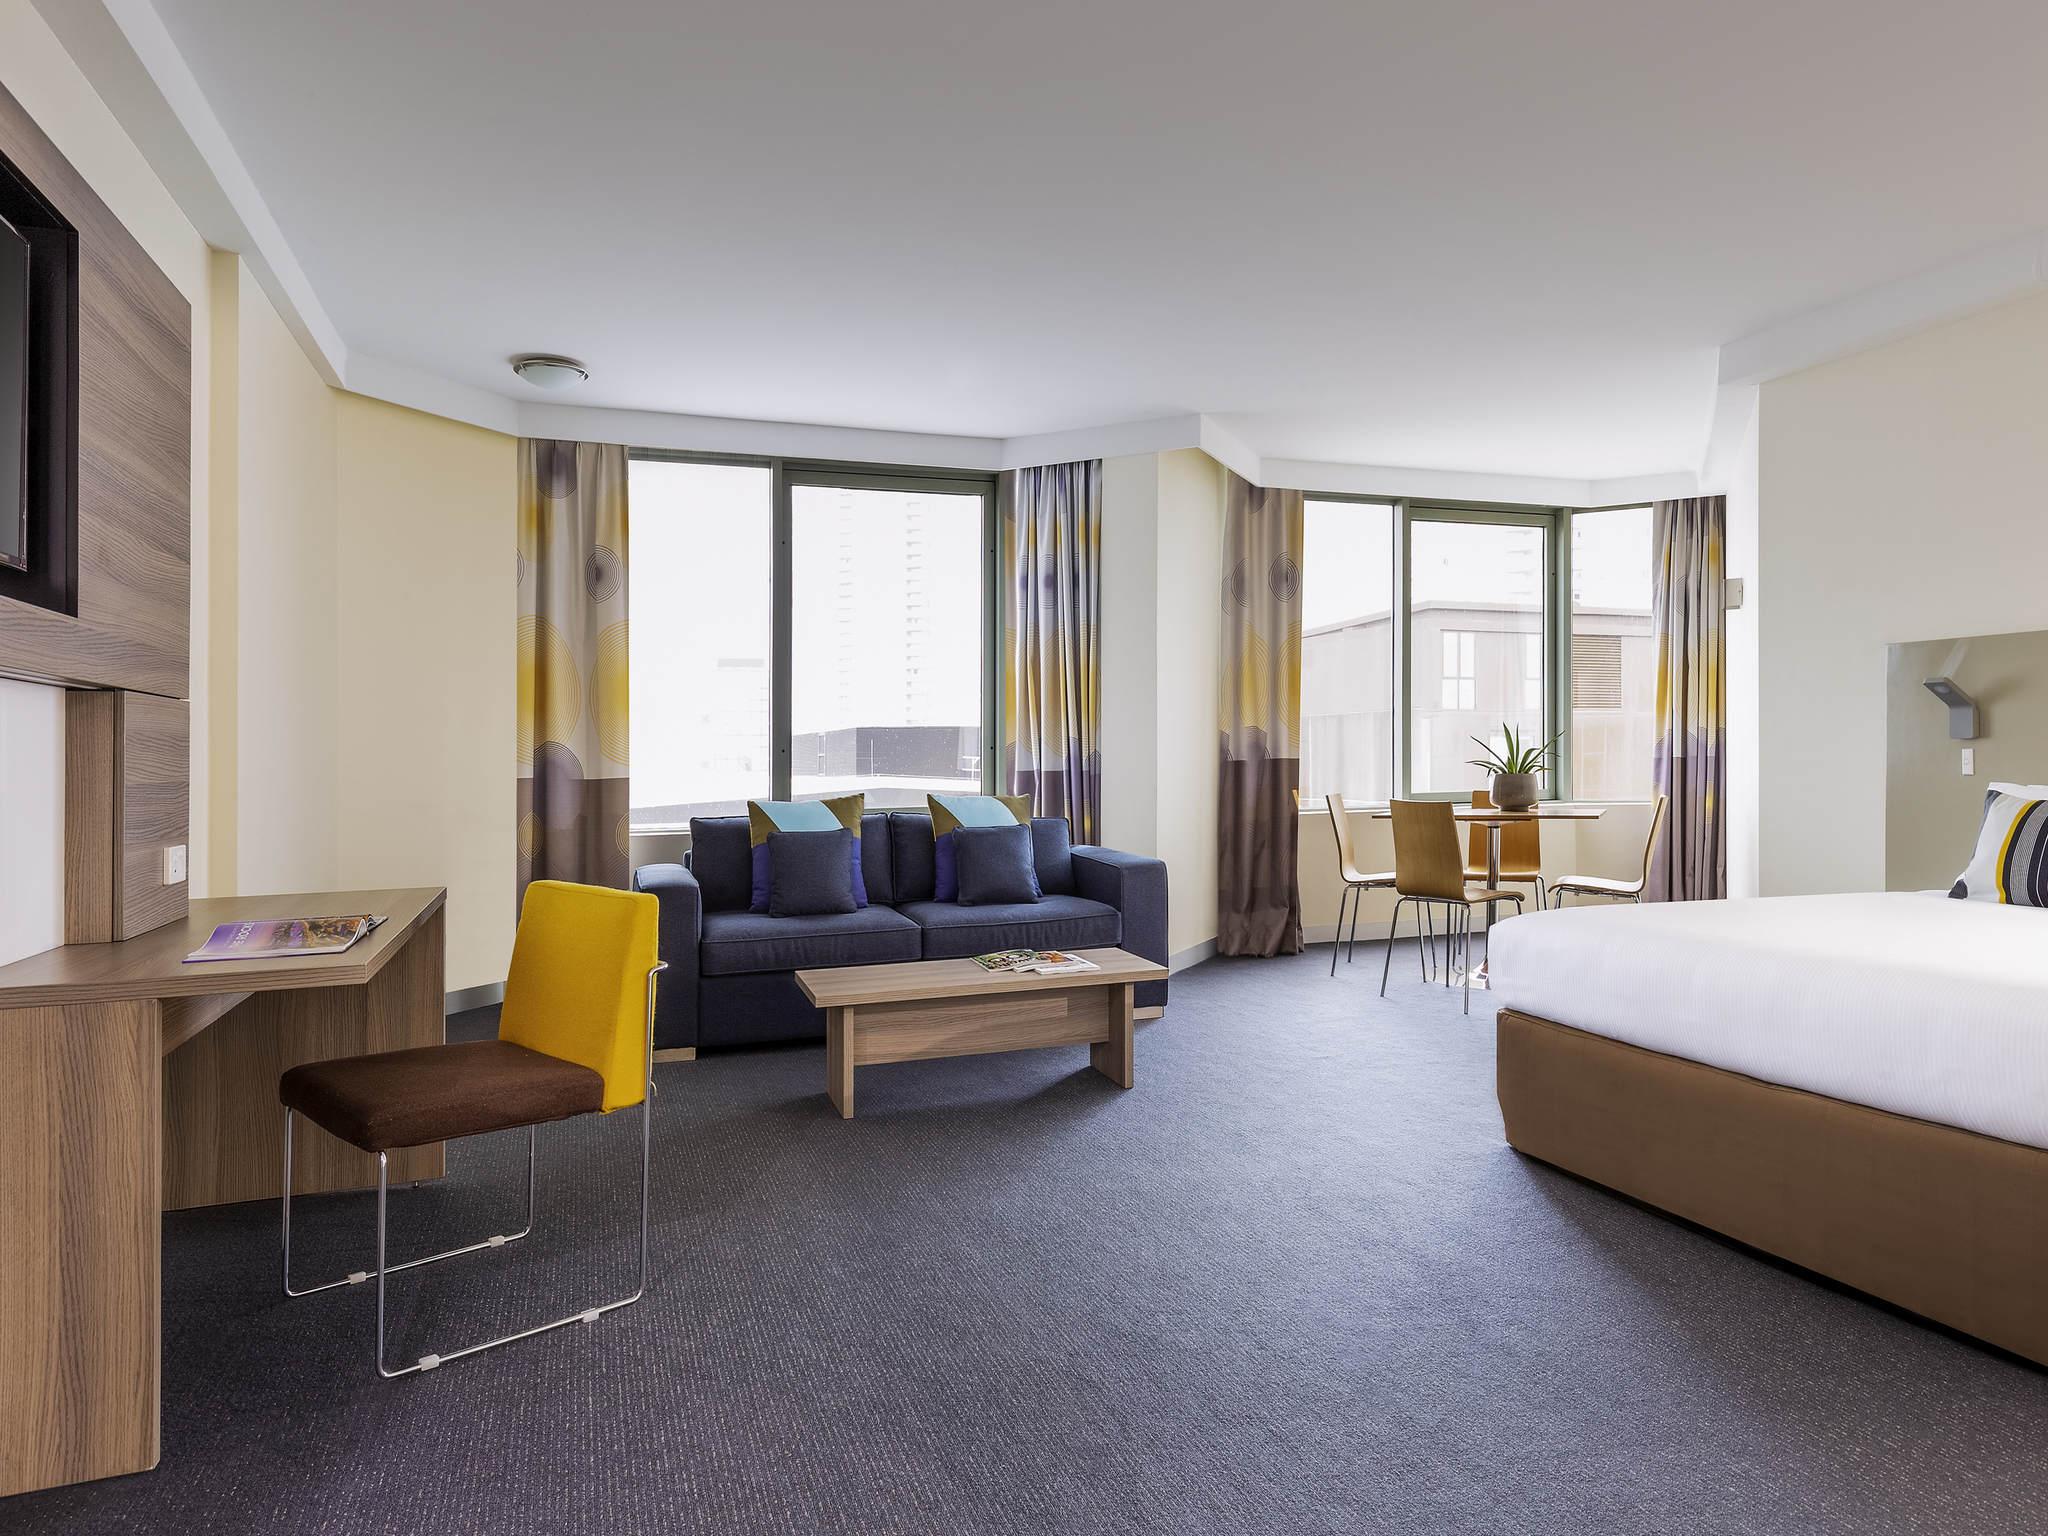 โรงแรม – โนโวเทล ซิดนีย์ เซ็นทรัล